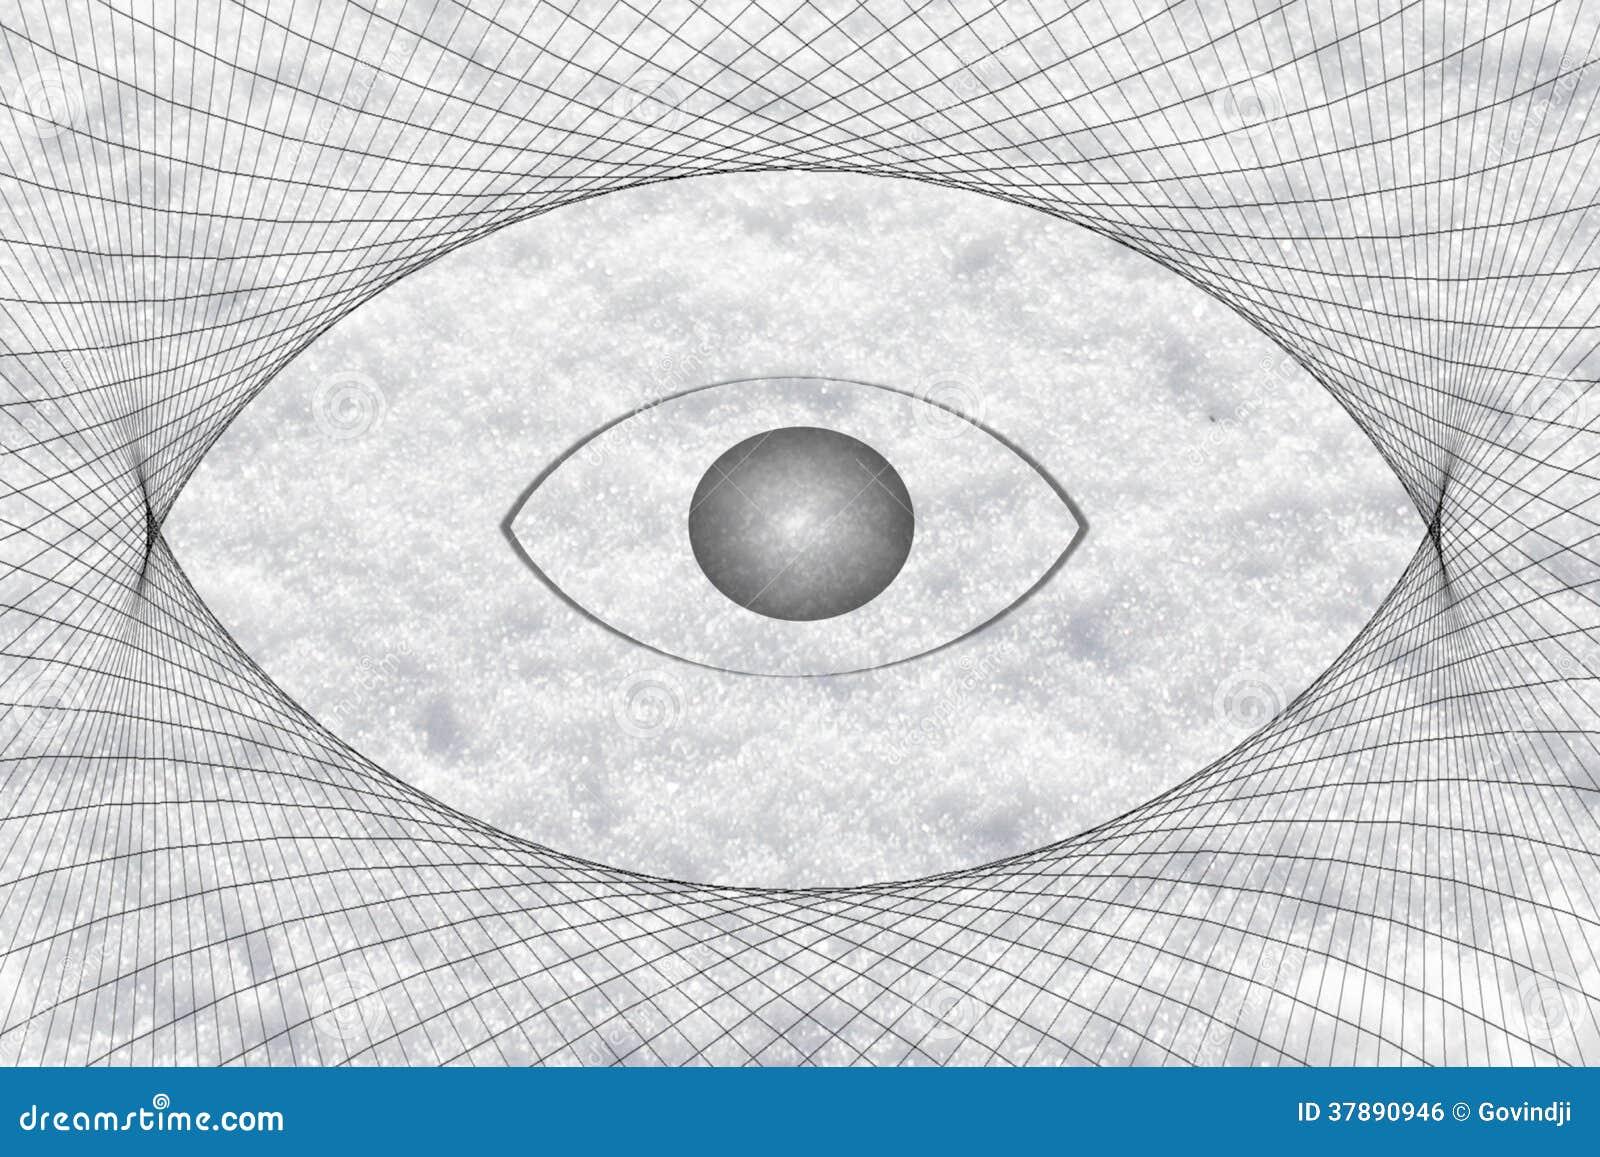 De achtergrond van het de visiepictogram van de oogvorm